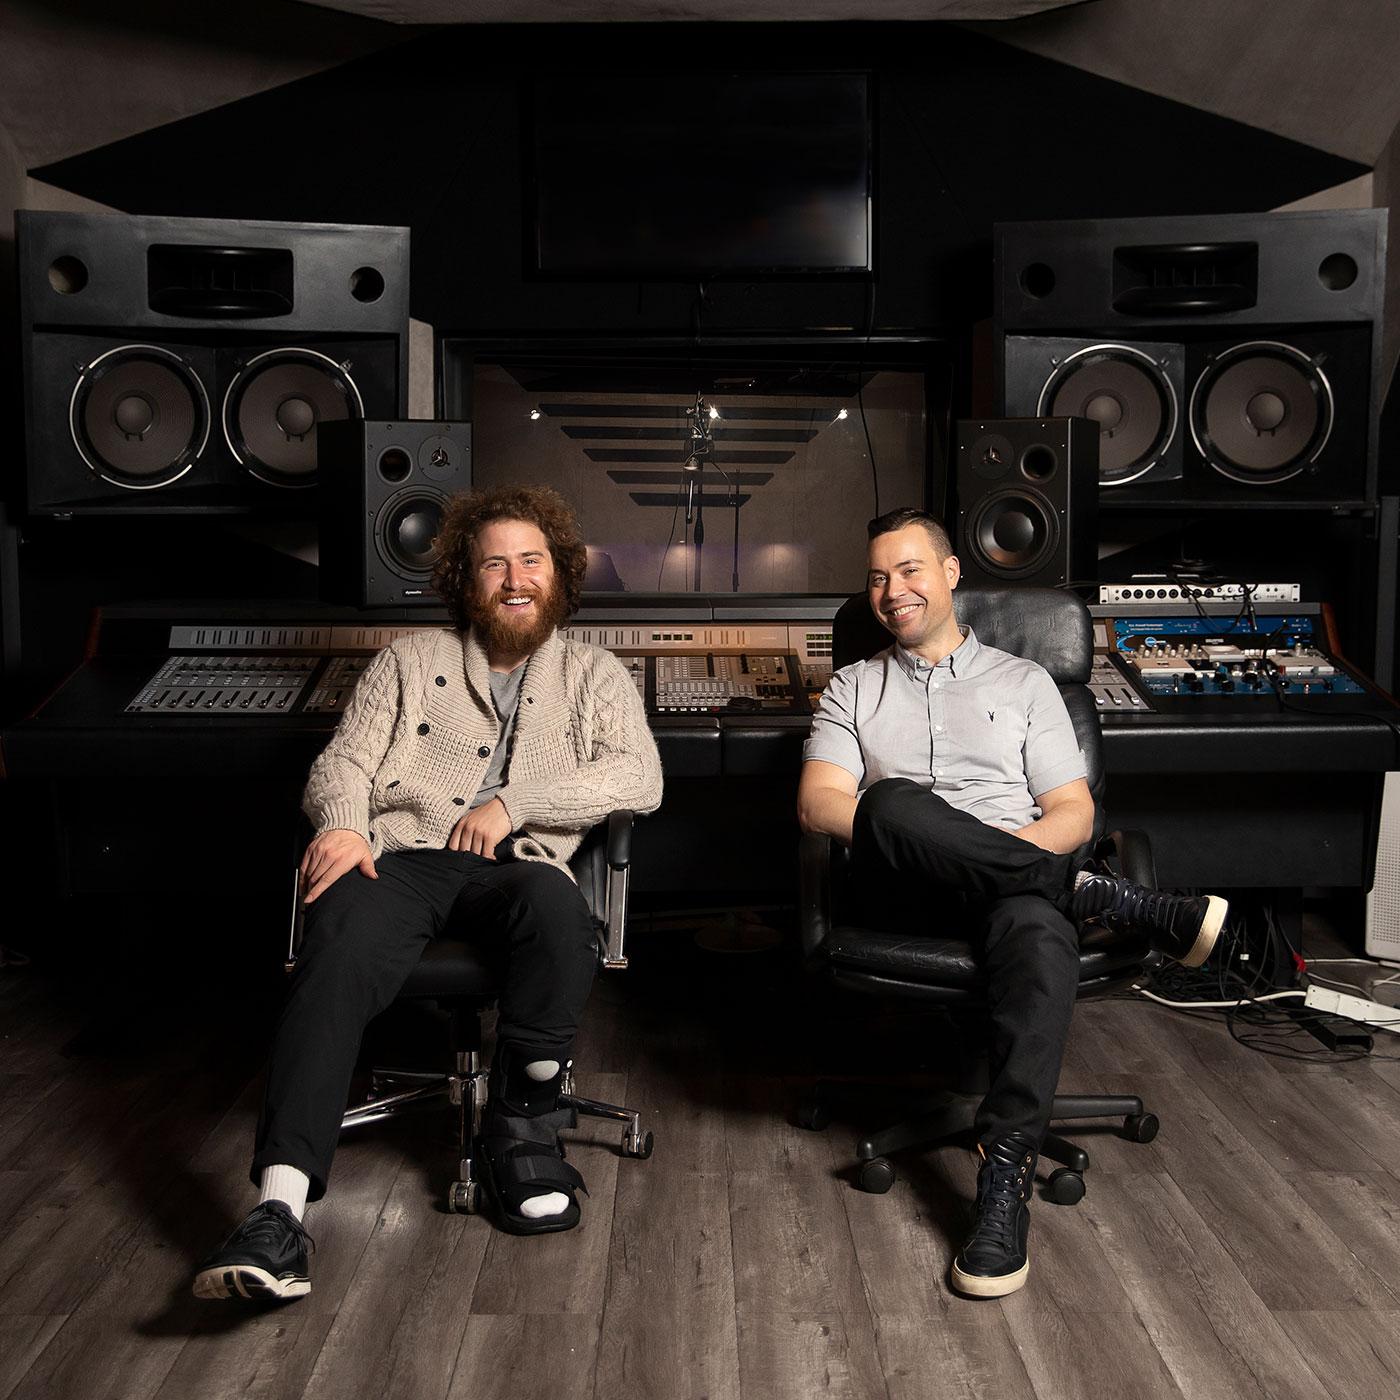 Mike Posner and Jordan Harbinger.  Photo credit: Ryan Hartford